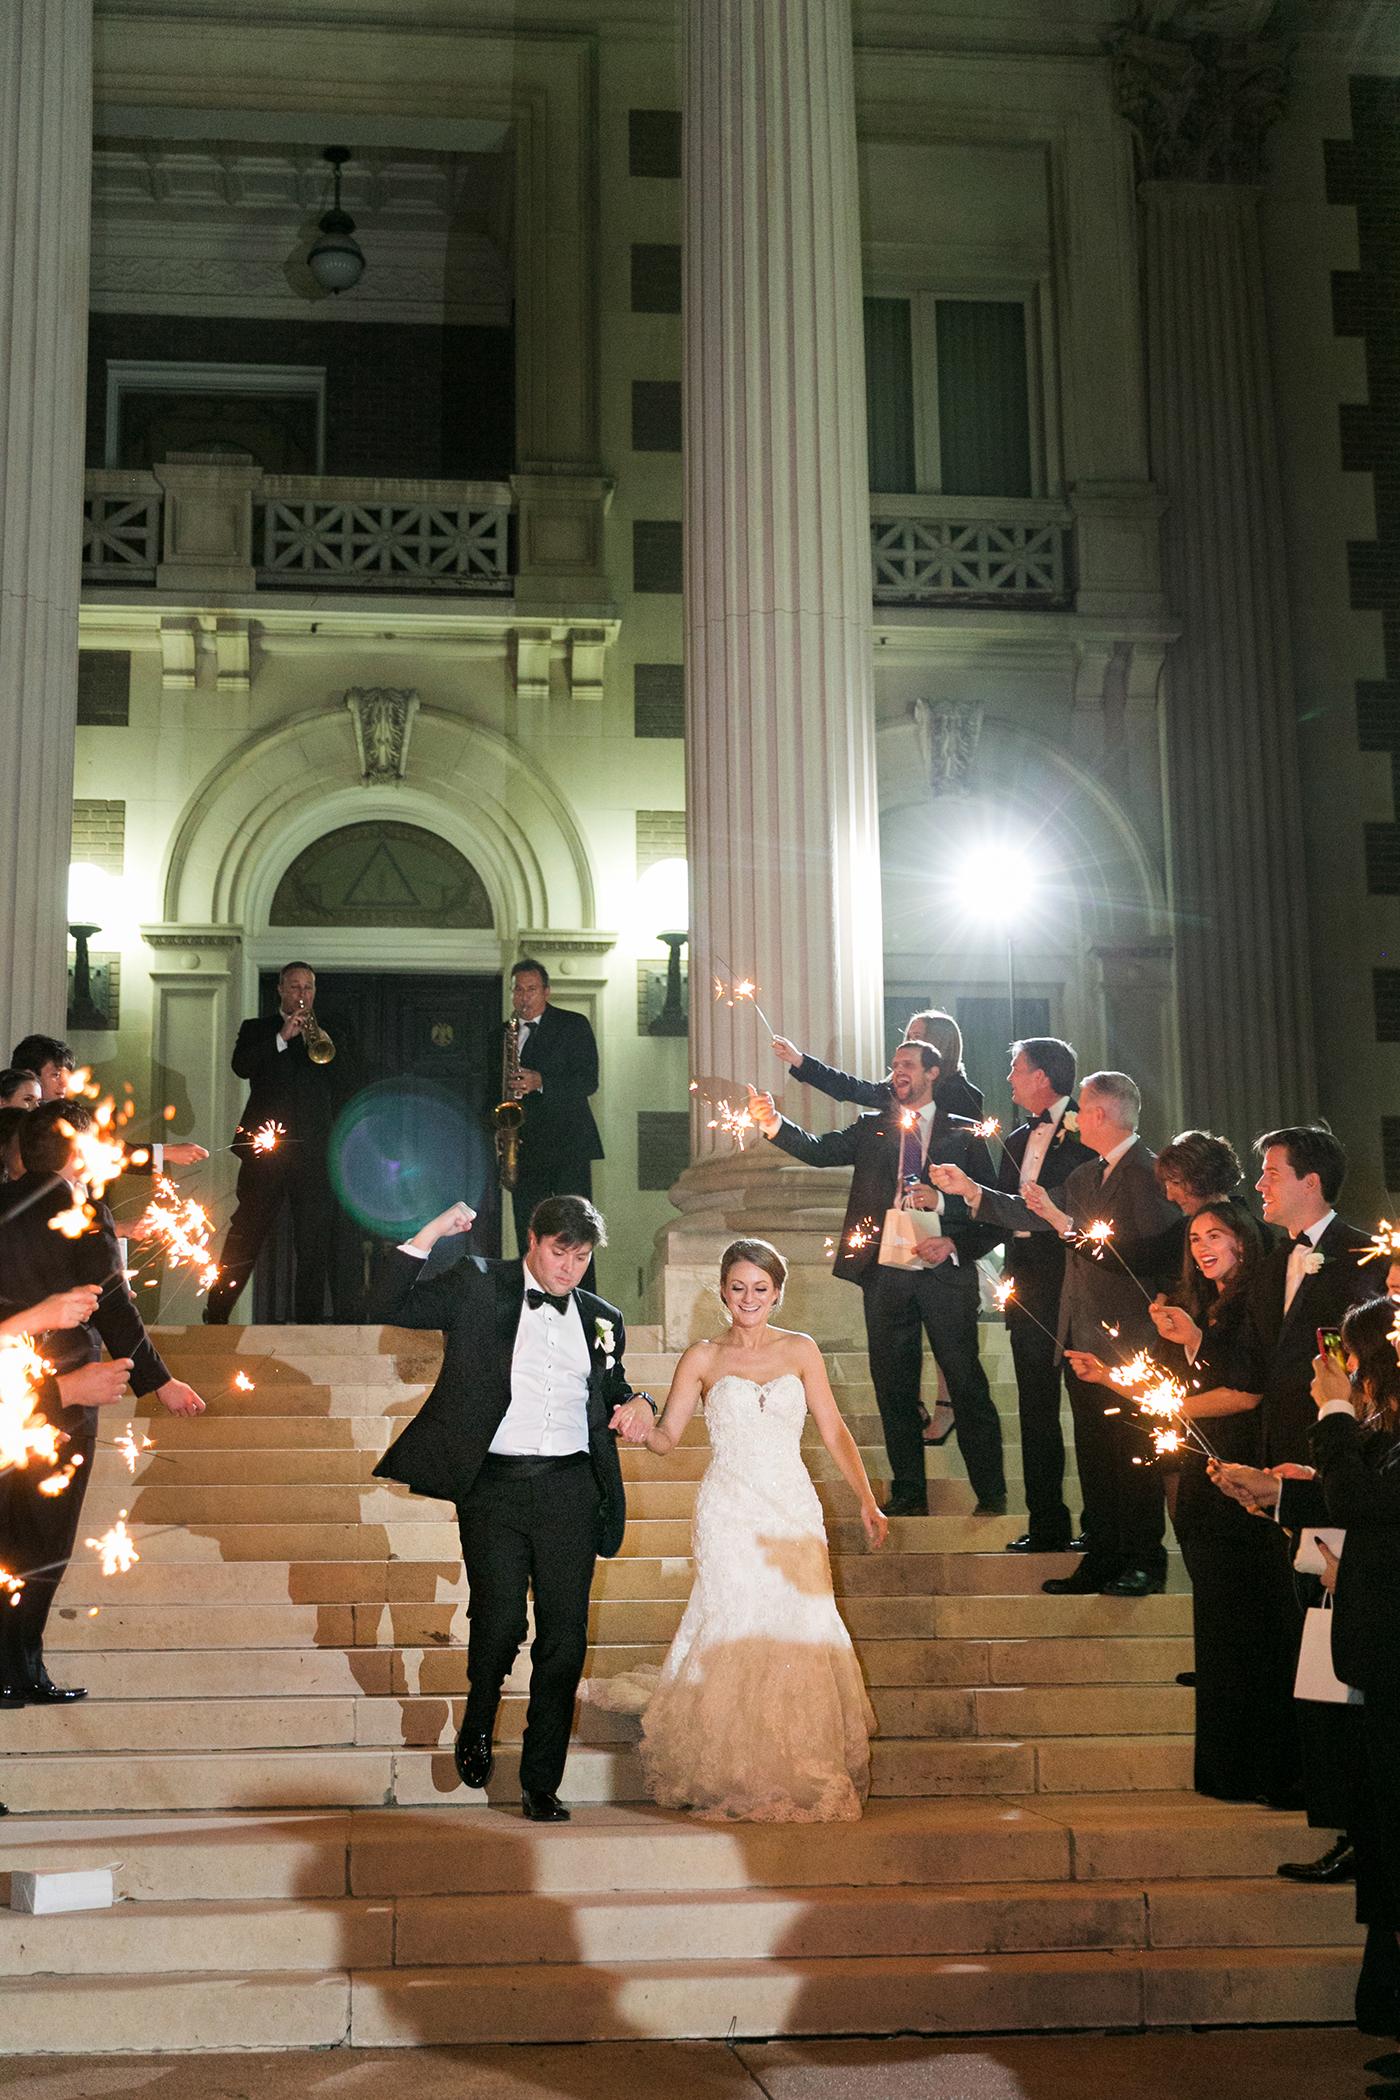 Dallas Wedding Planner - Allday Events - Classic Wedding at Dallas Scottish Rite - 395.jpg